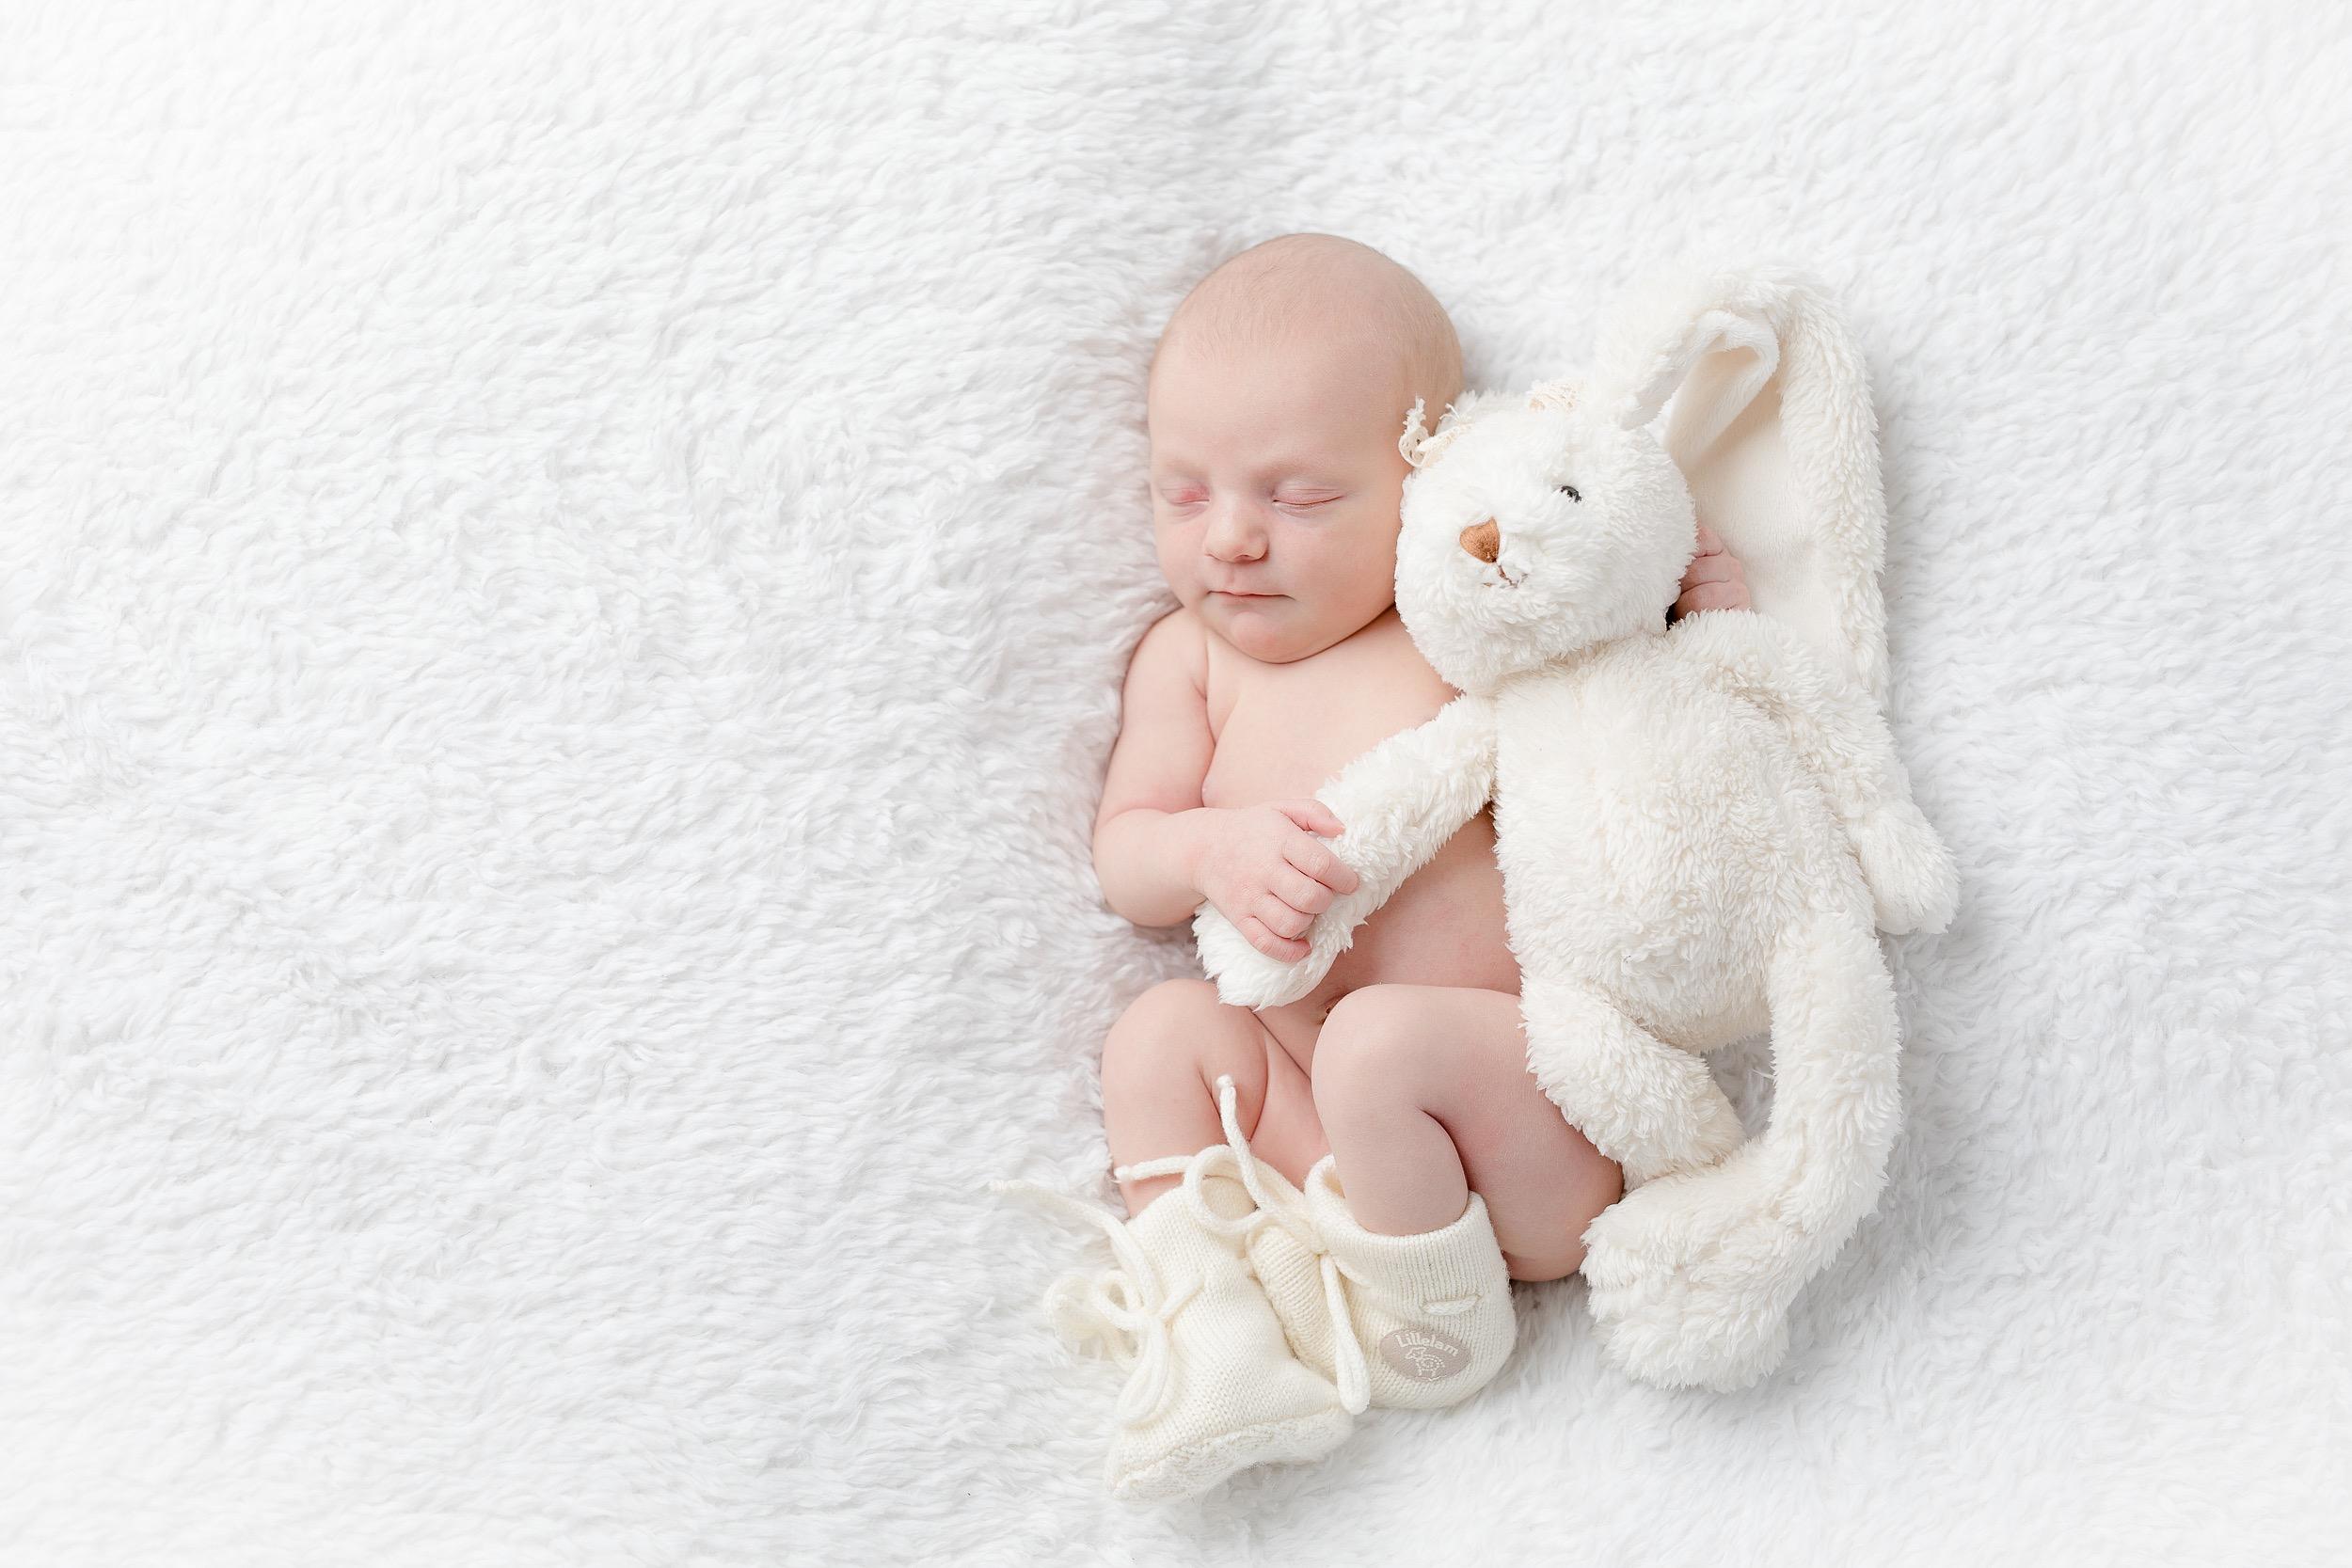 nyfødt-nyfødtfotograf-nyfødtfotografering-fotograf-studiohodne-hodne--8.jpg